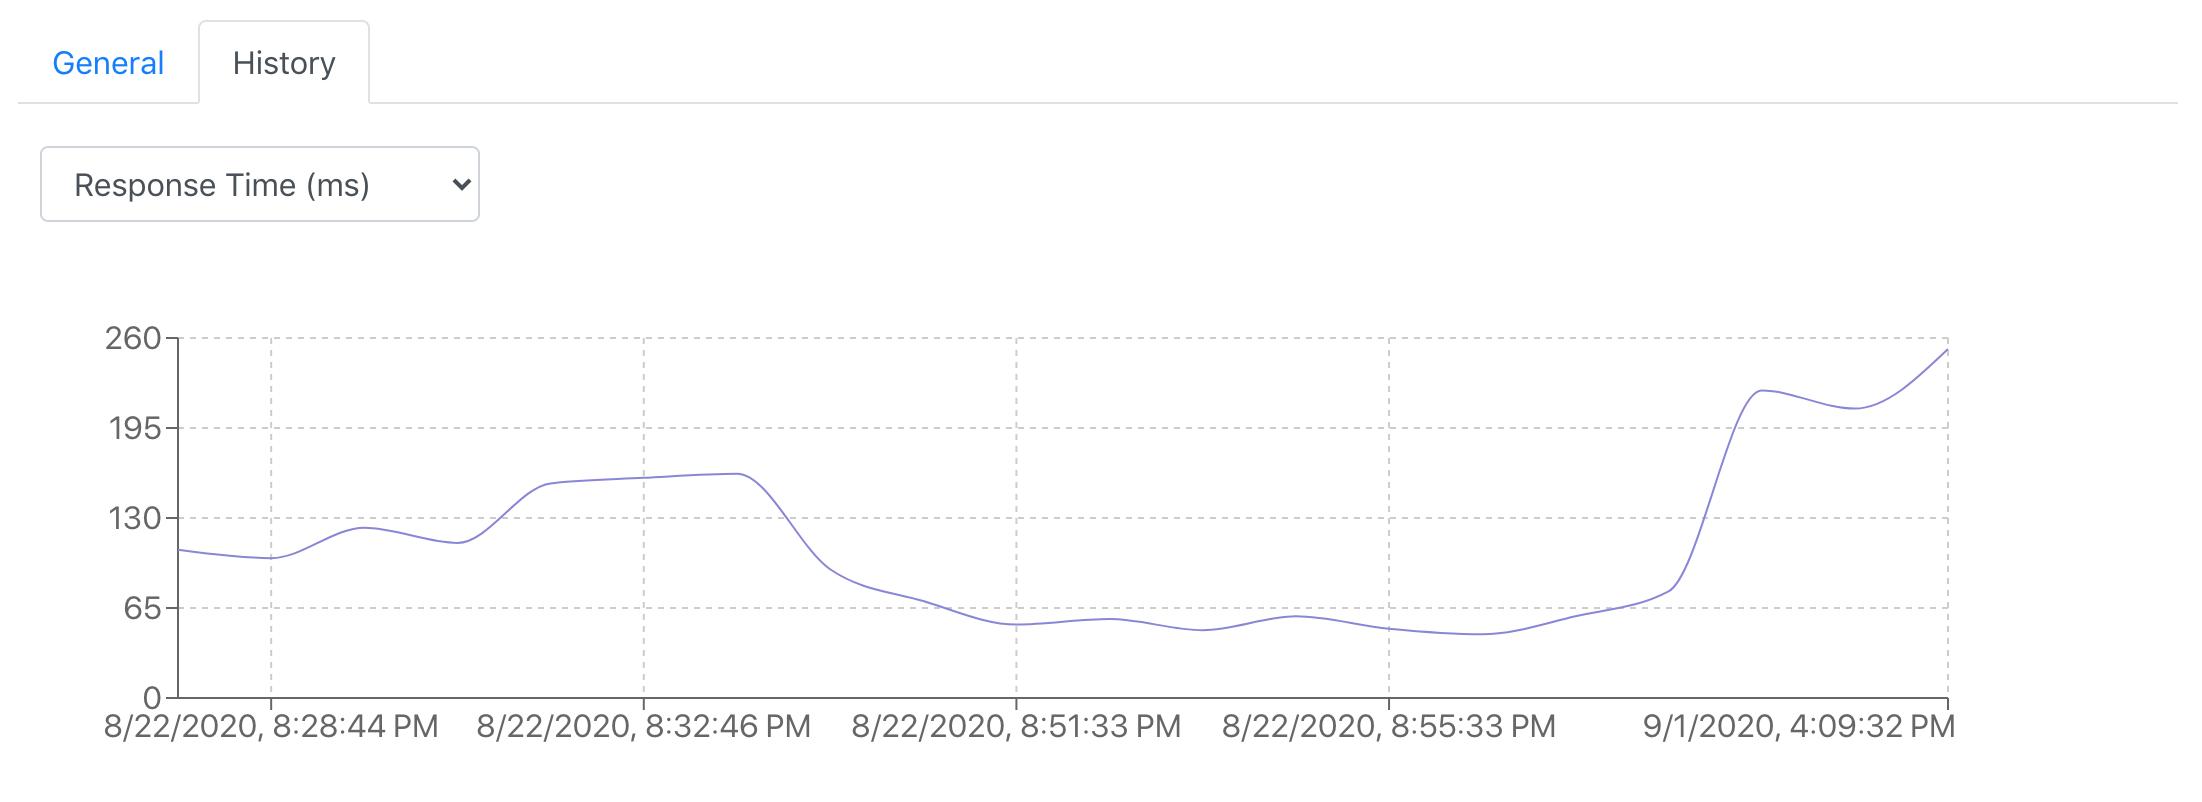 blog-september-2020-new-chart-response-time